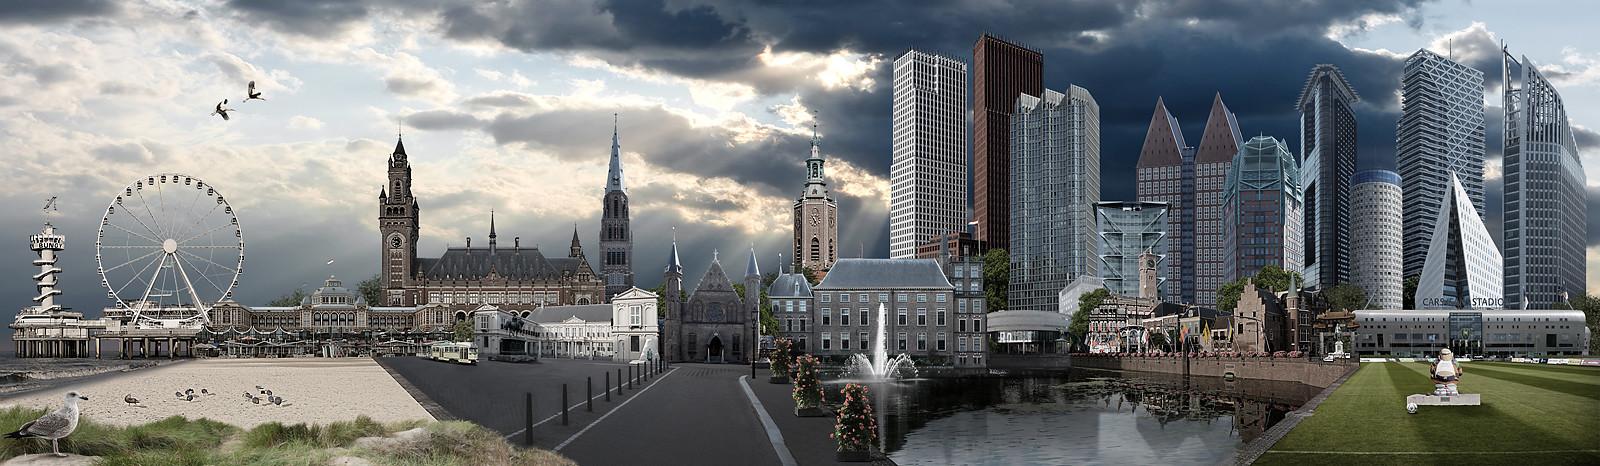 Skyline Den Haag realistisch versie 1